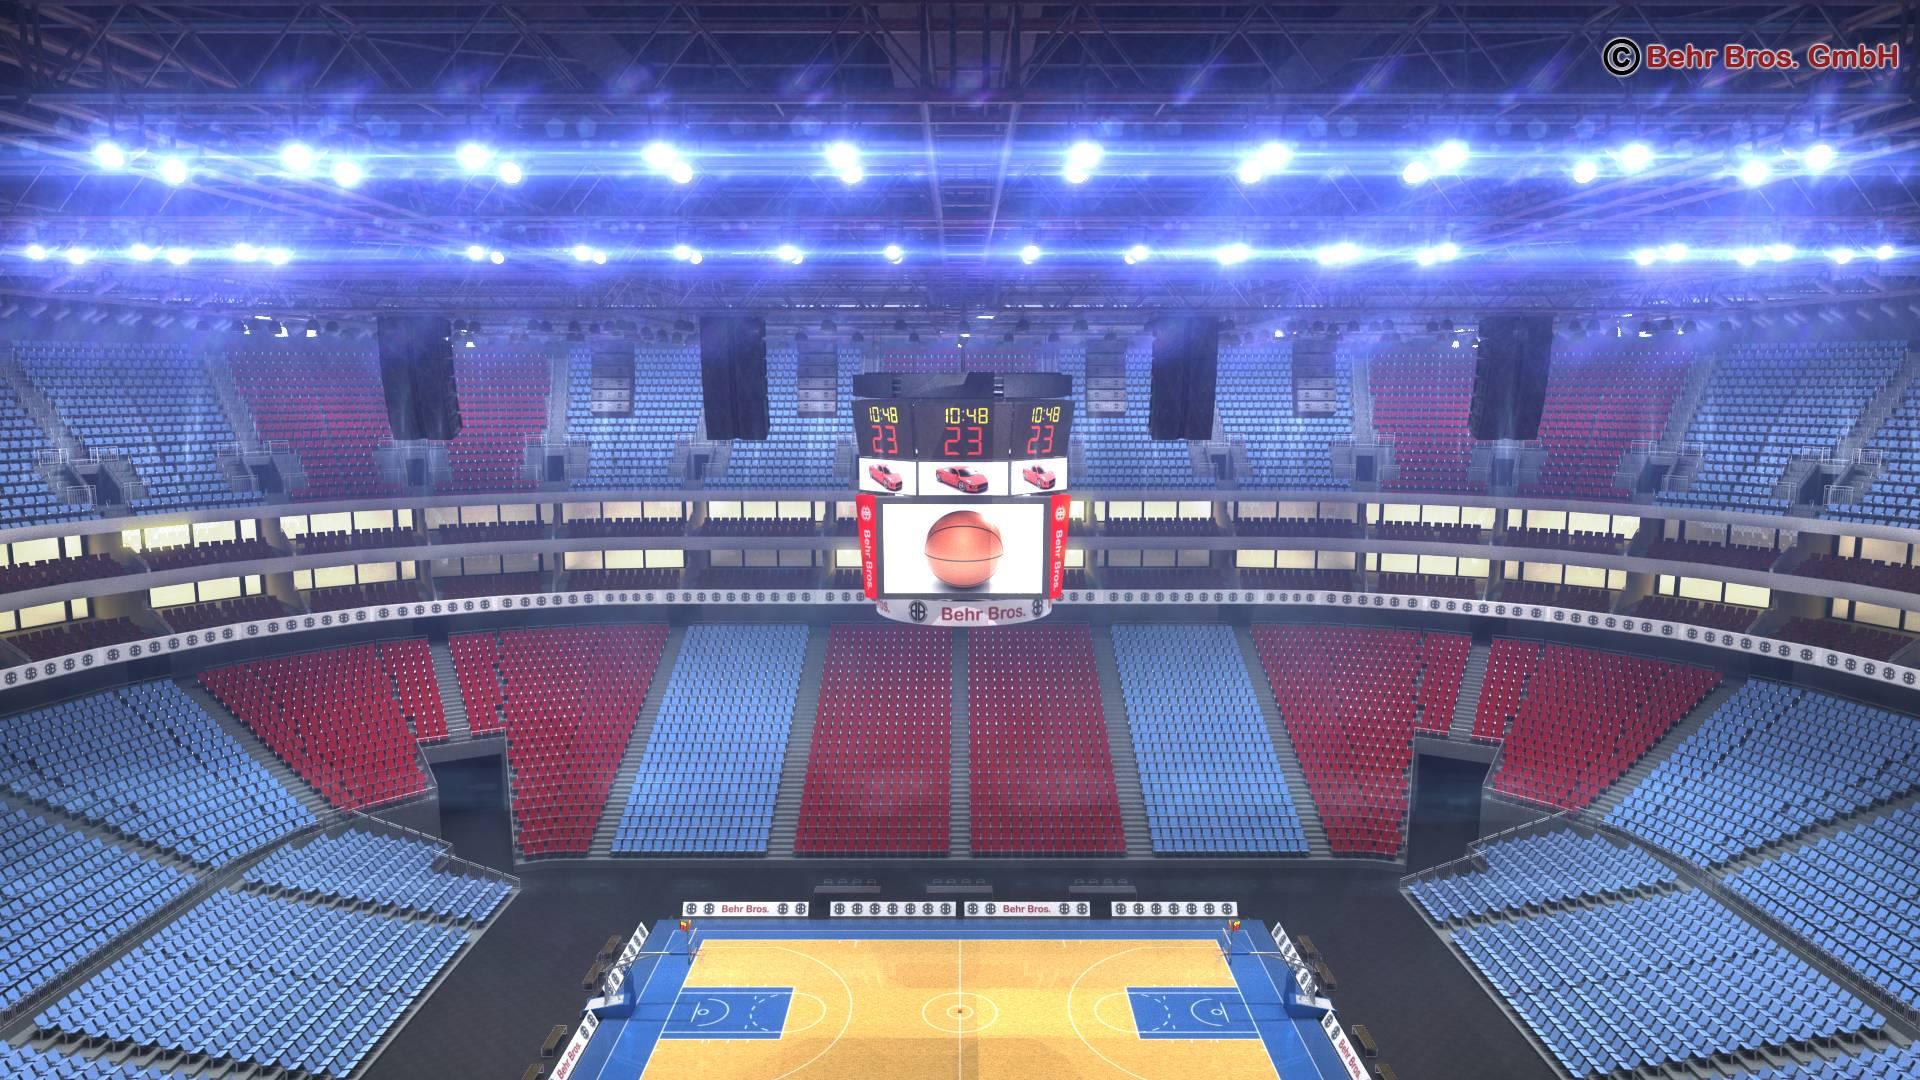 arena pêl-fasged v2 model 3d 3ds max fbx c4d am fwy o wybodaeth 222367